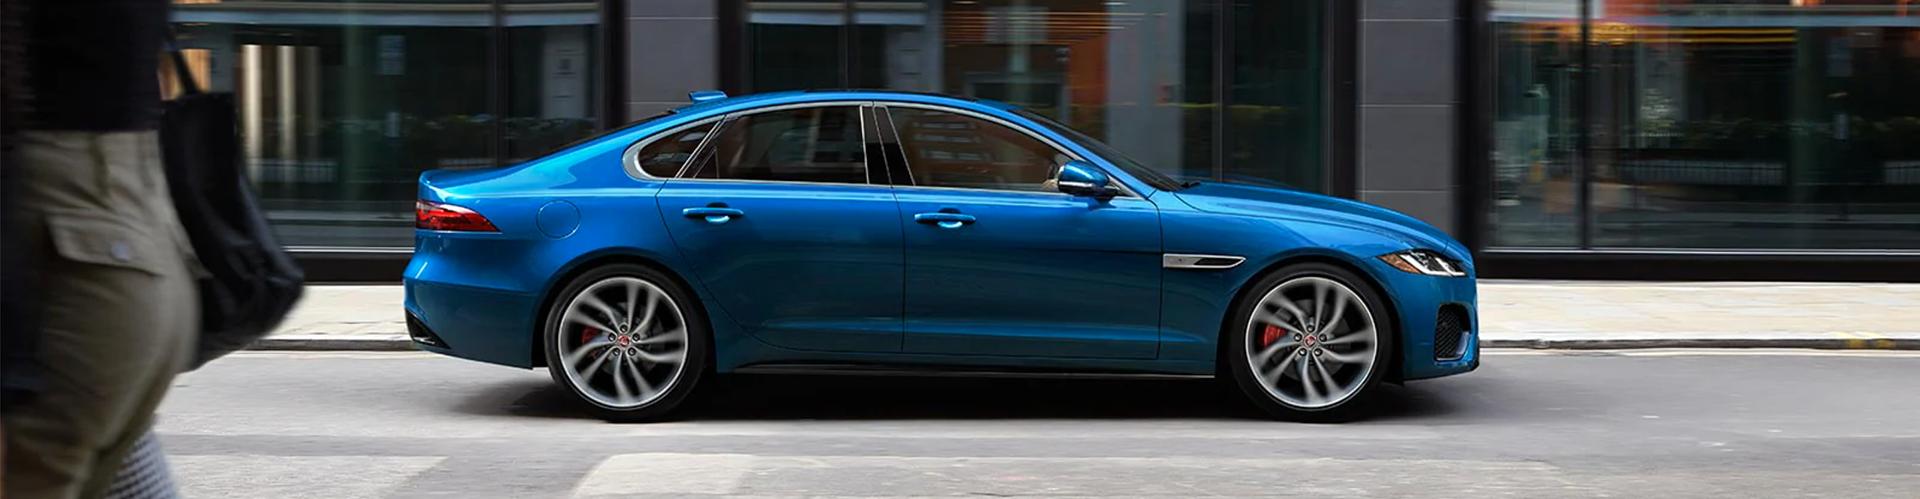 2021 Jaguar XF Hero